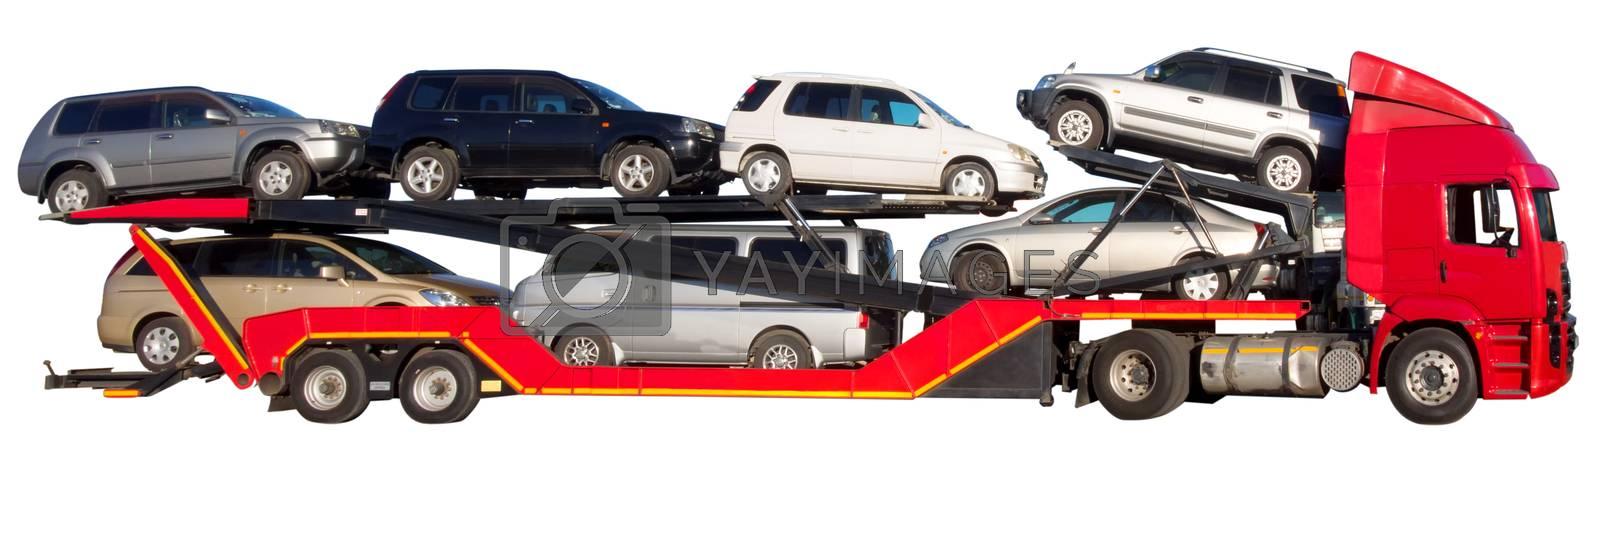 red car hauler by zkruger